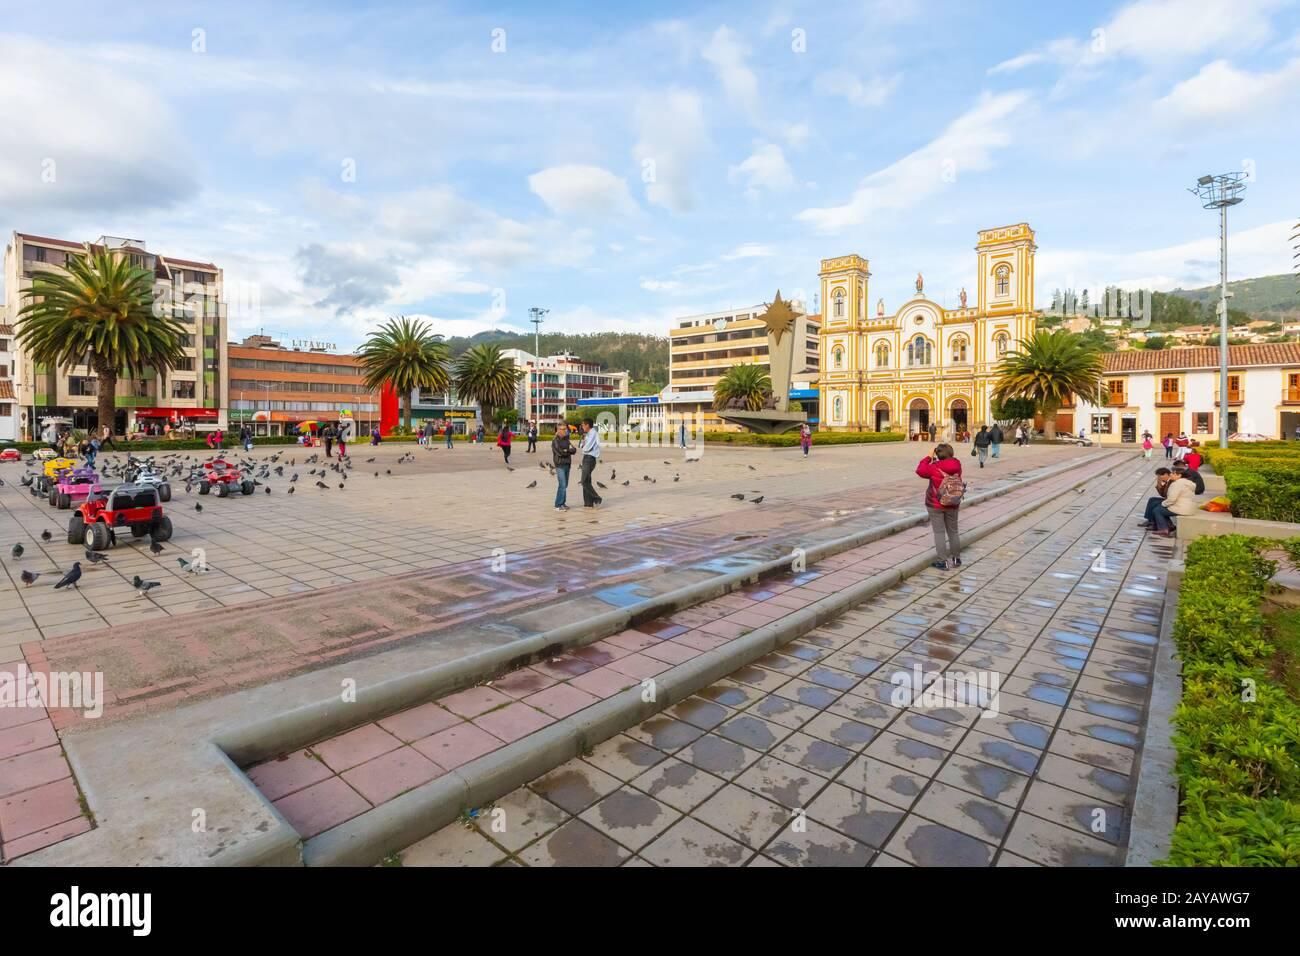 Colombia Plaza del parque Sogamoso de Villa y Catedral de San Martín de Tours Foto de stock